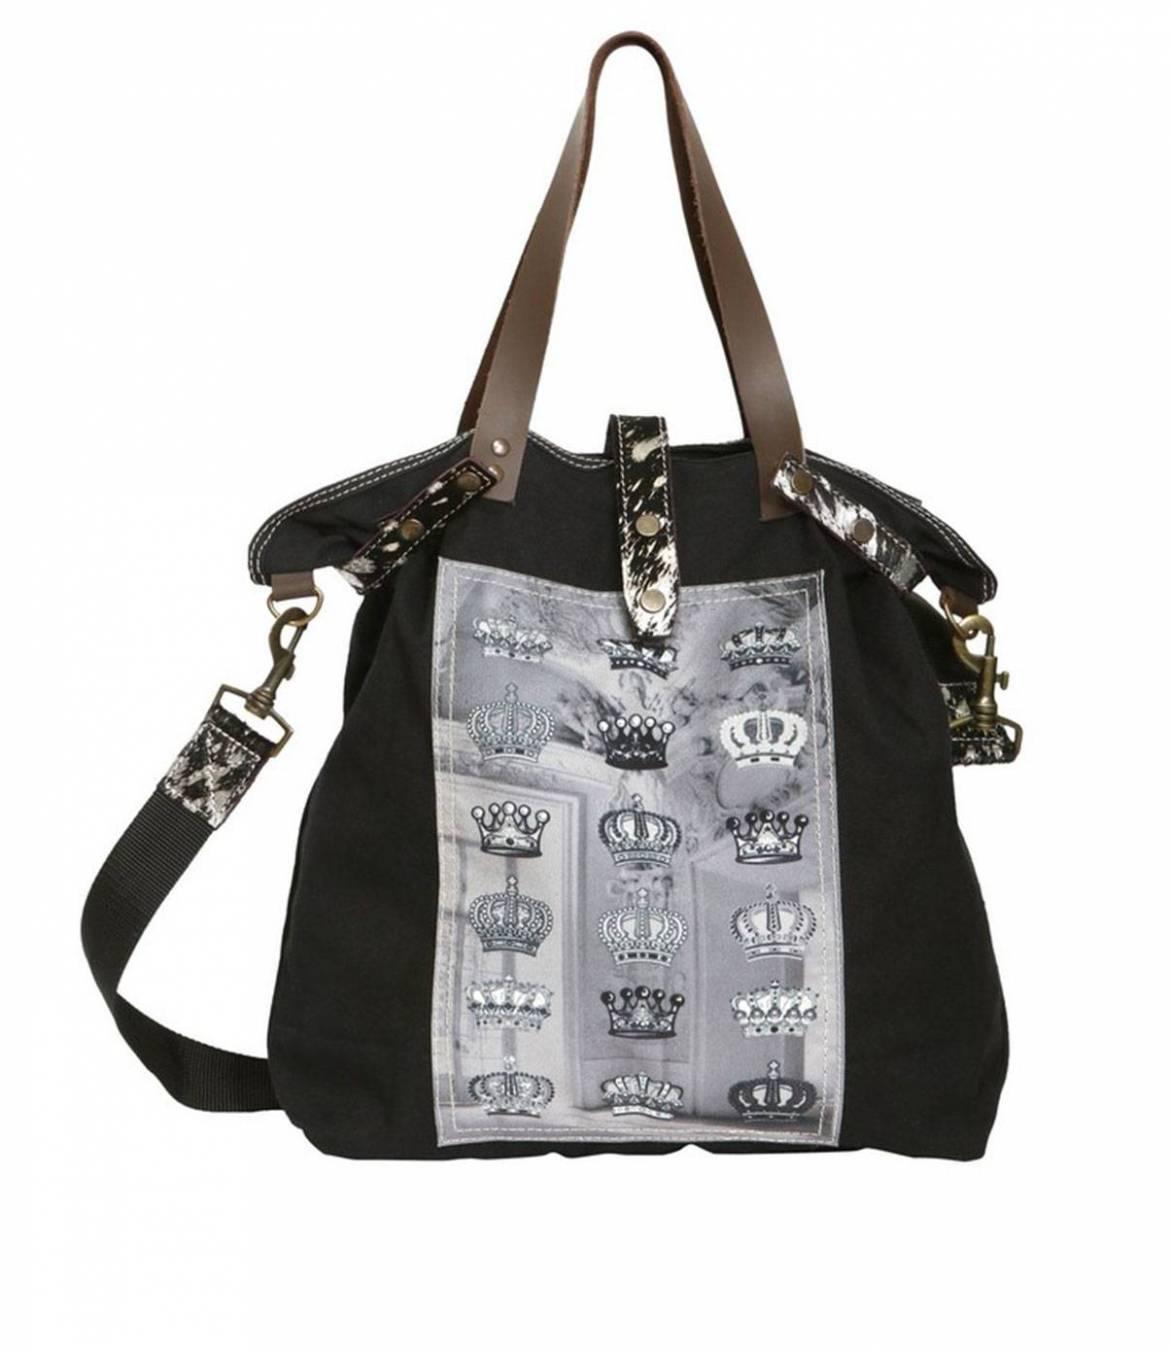 TOTE 17 Sac en Coton, Cuir, Polyester pour Femme 45x30 cm Storiatipic - 1